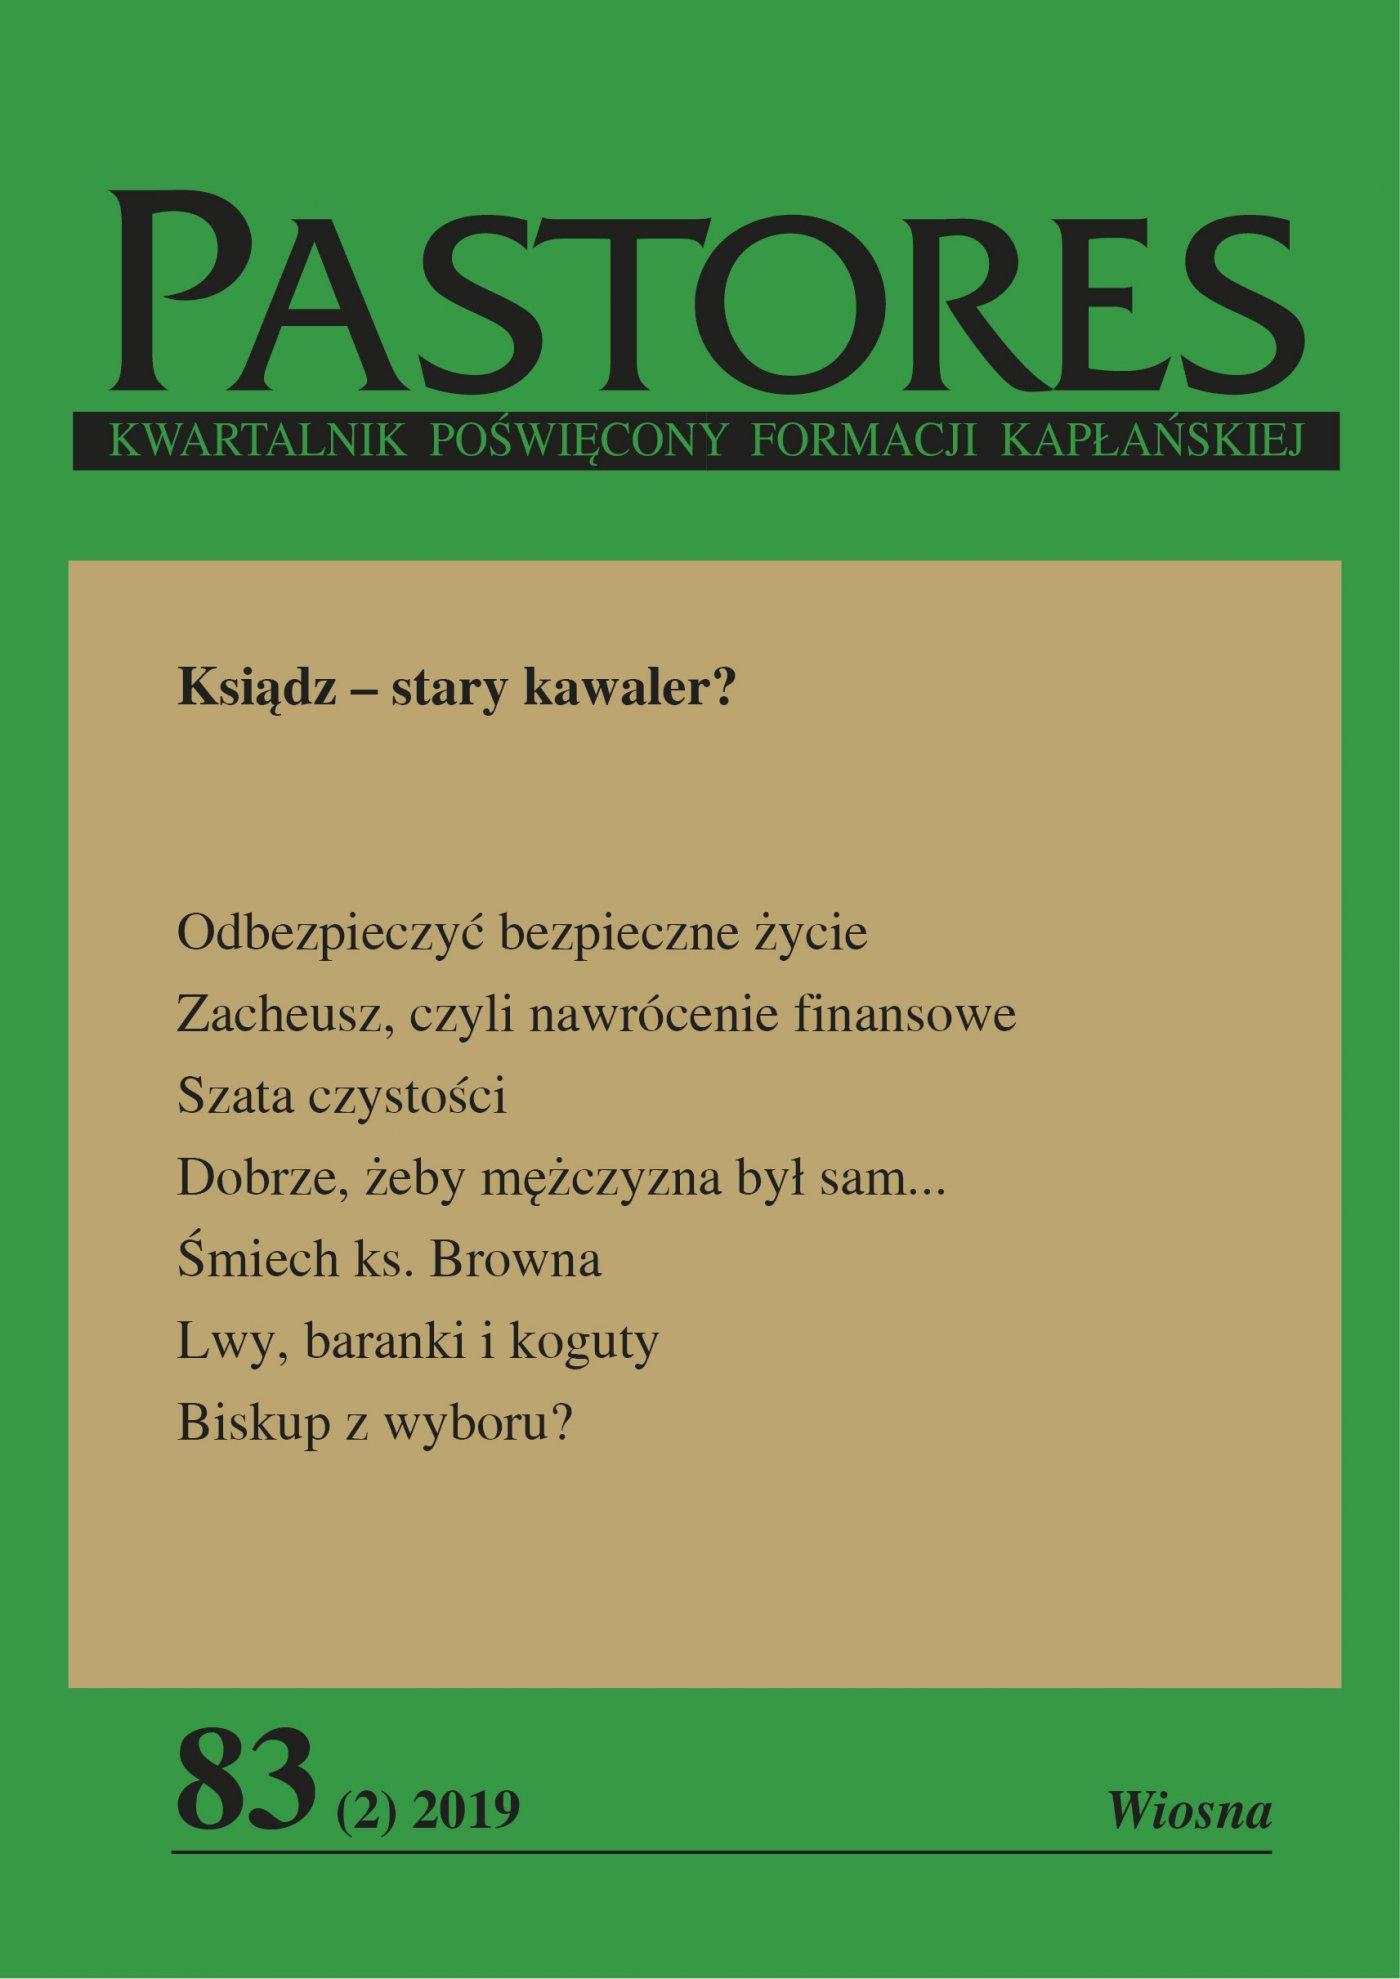 Pastores 83 (2) 2019 - Ebook (Książka EPUB) do pobrania w formacie EPUB